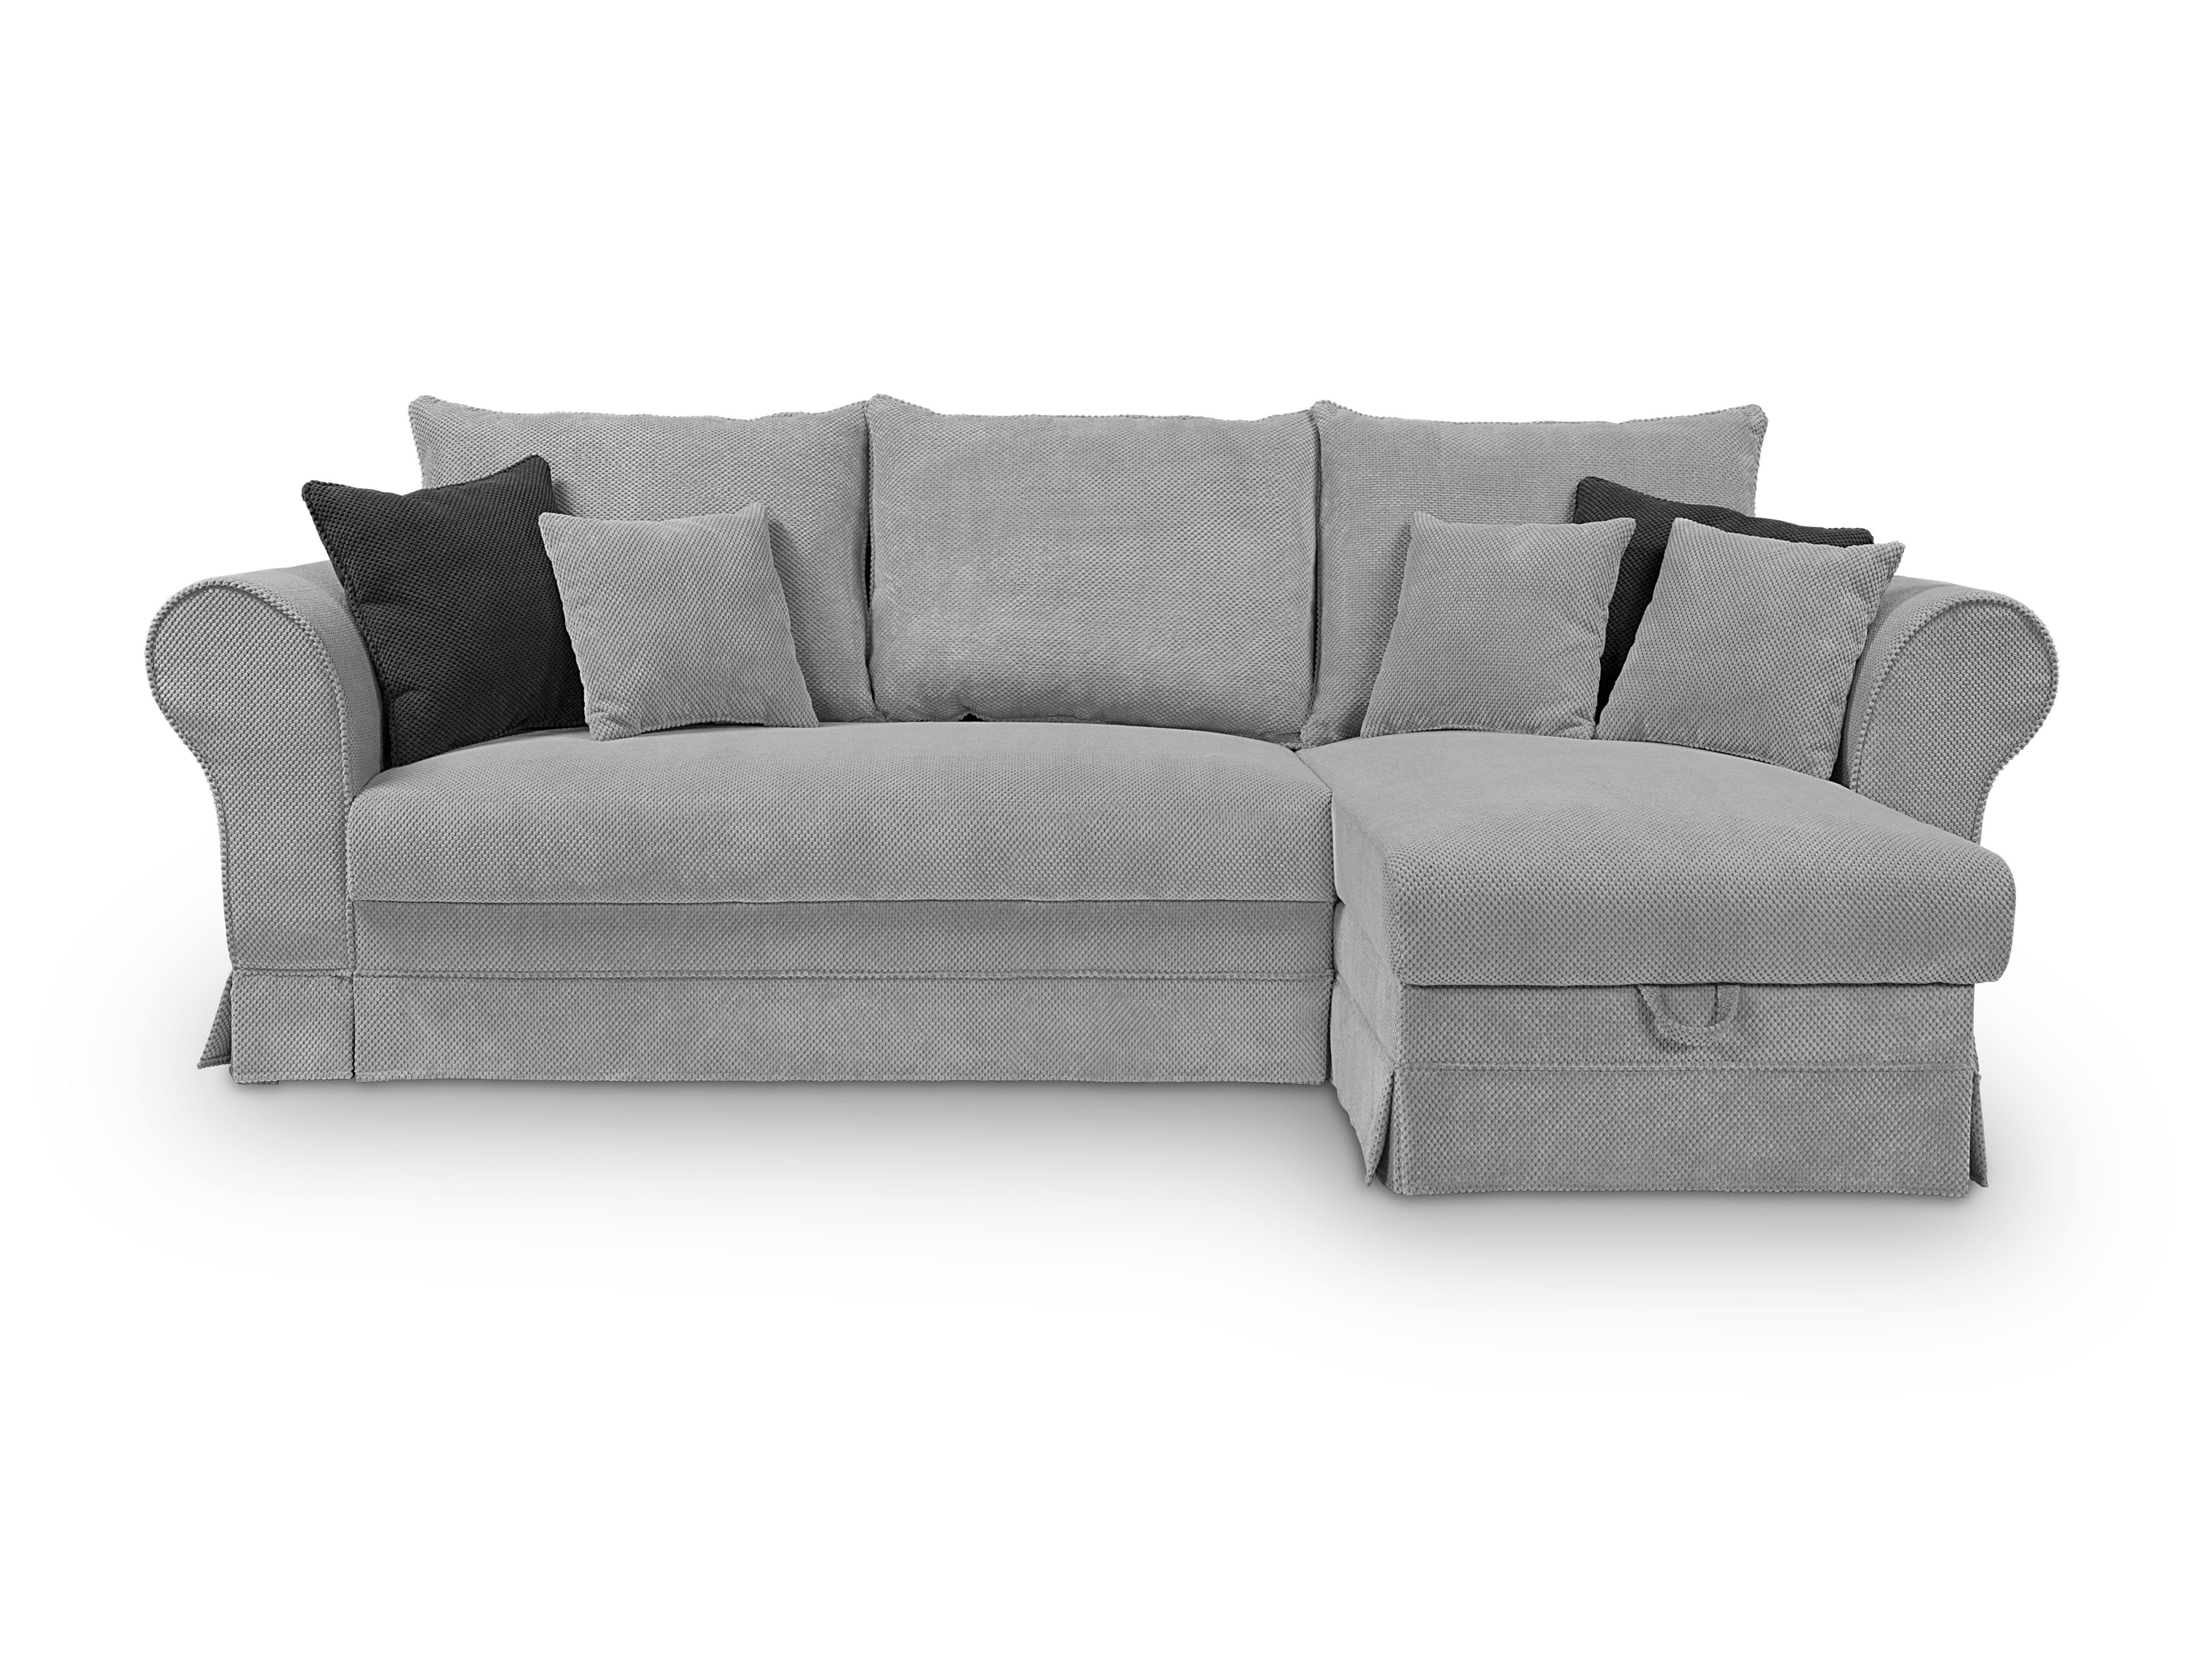 Rohová sedací souprava - BRW - Margaret II Lux 3DL.URCBK (šedá) (P)